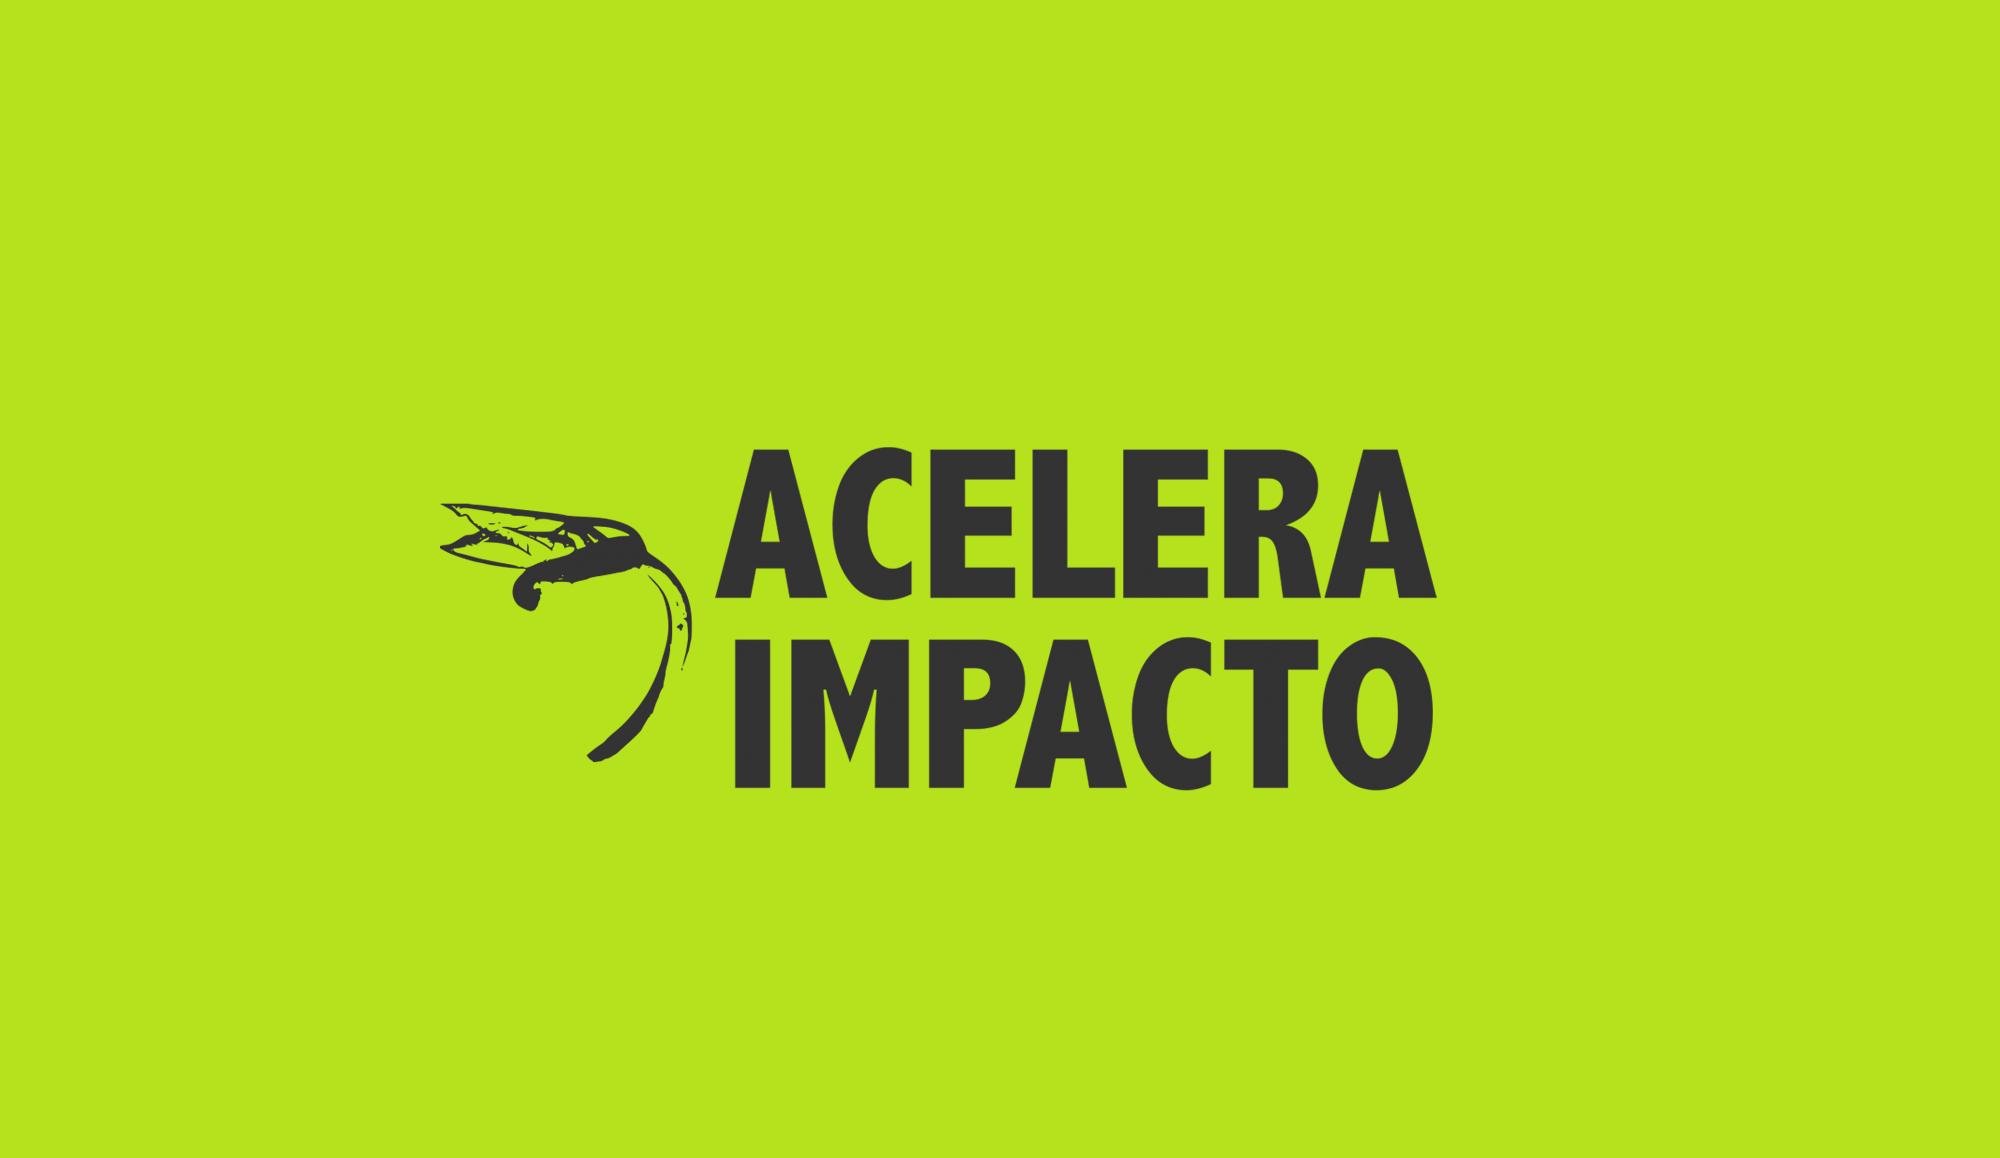 acelera impacto 3